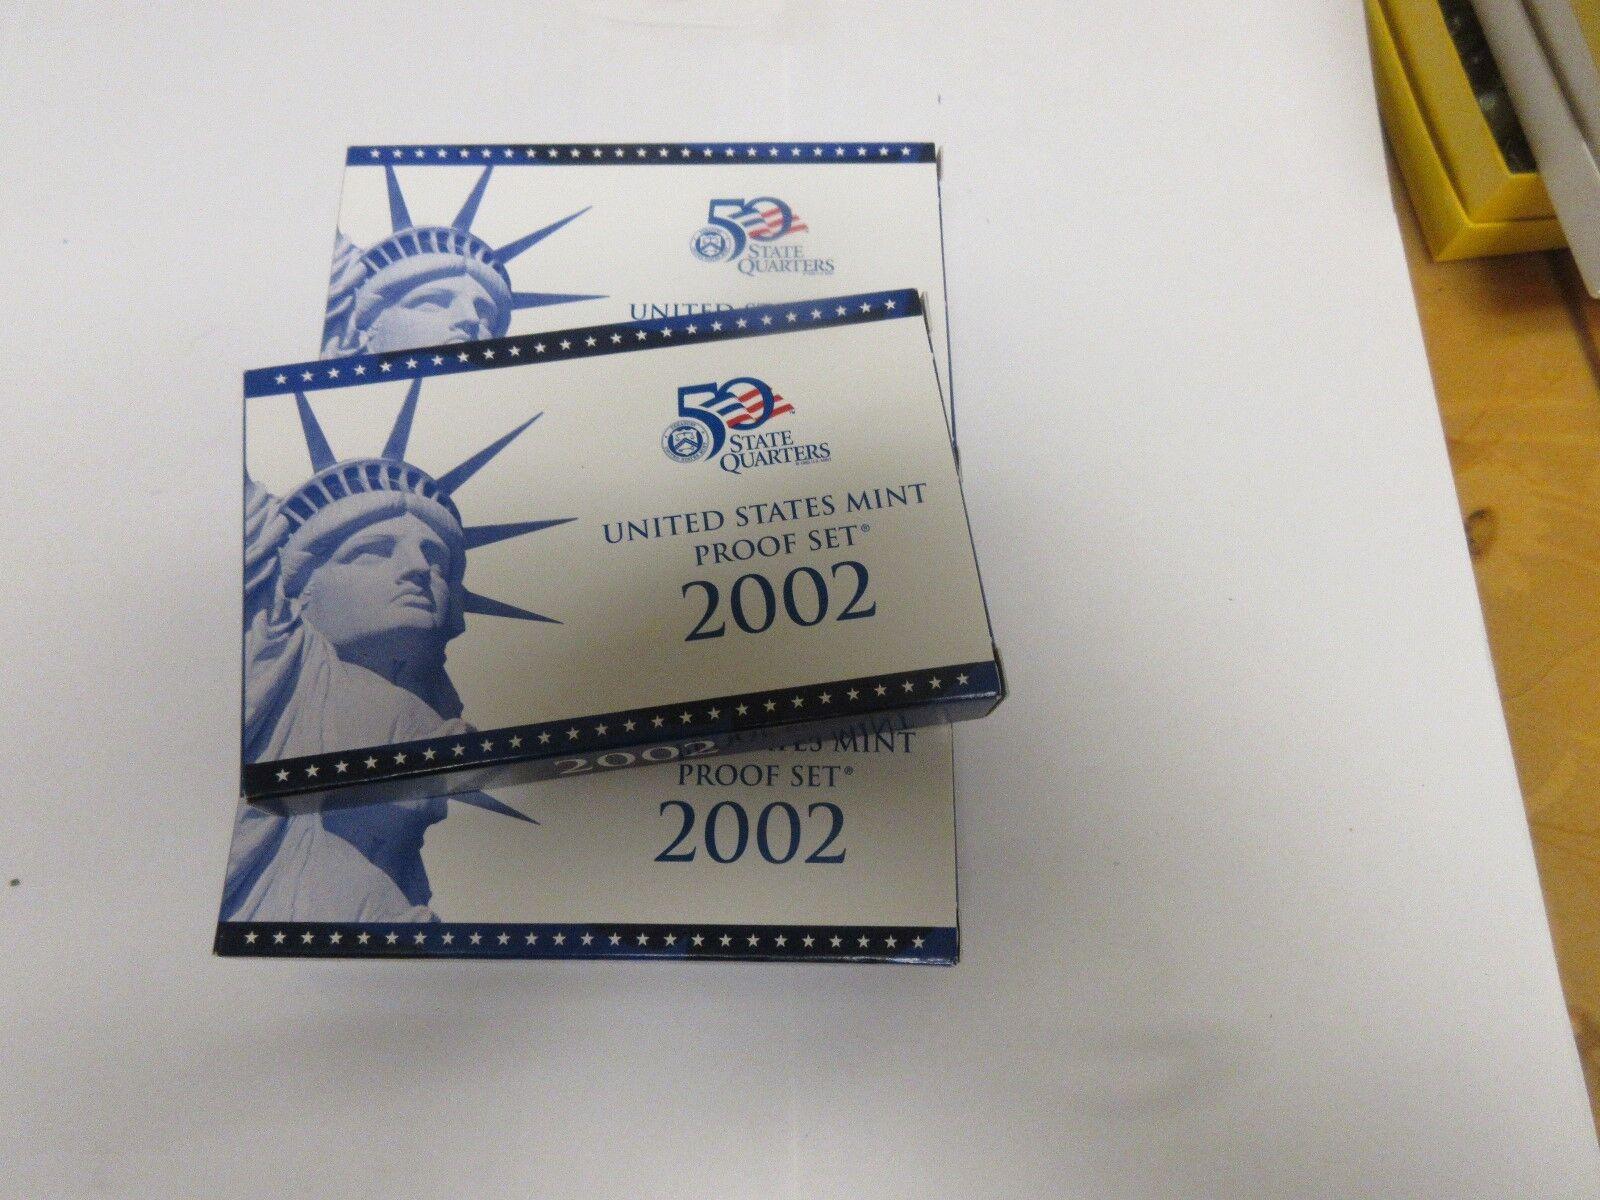 2002 U.S.A. Mint , Proof Set , Lot of 5 Sets